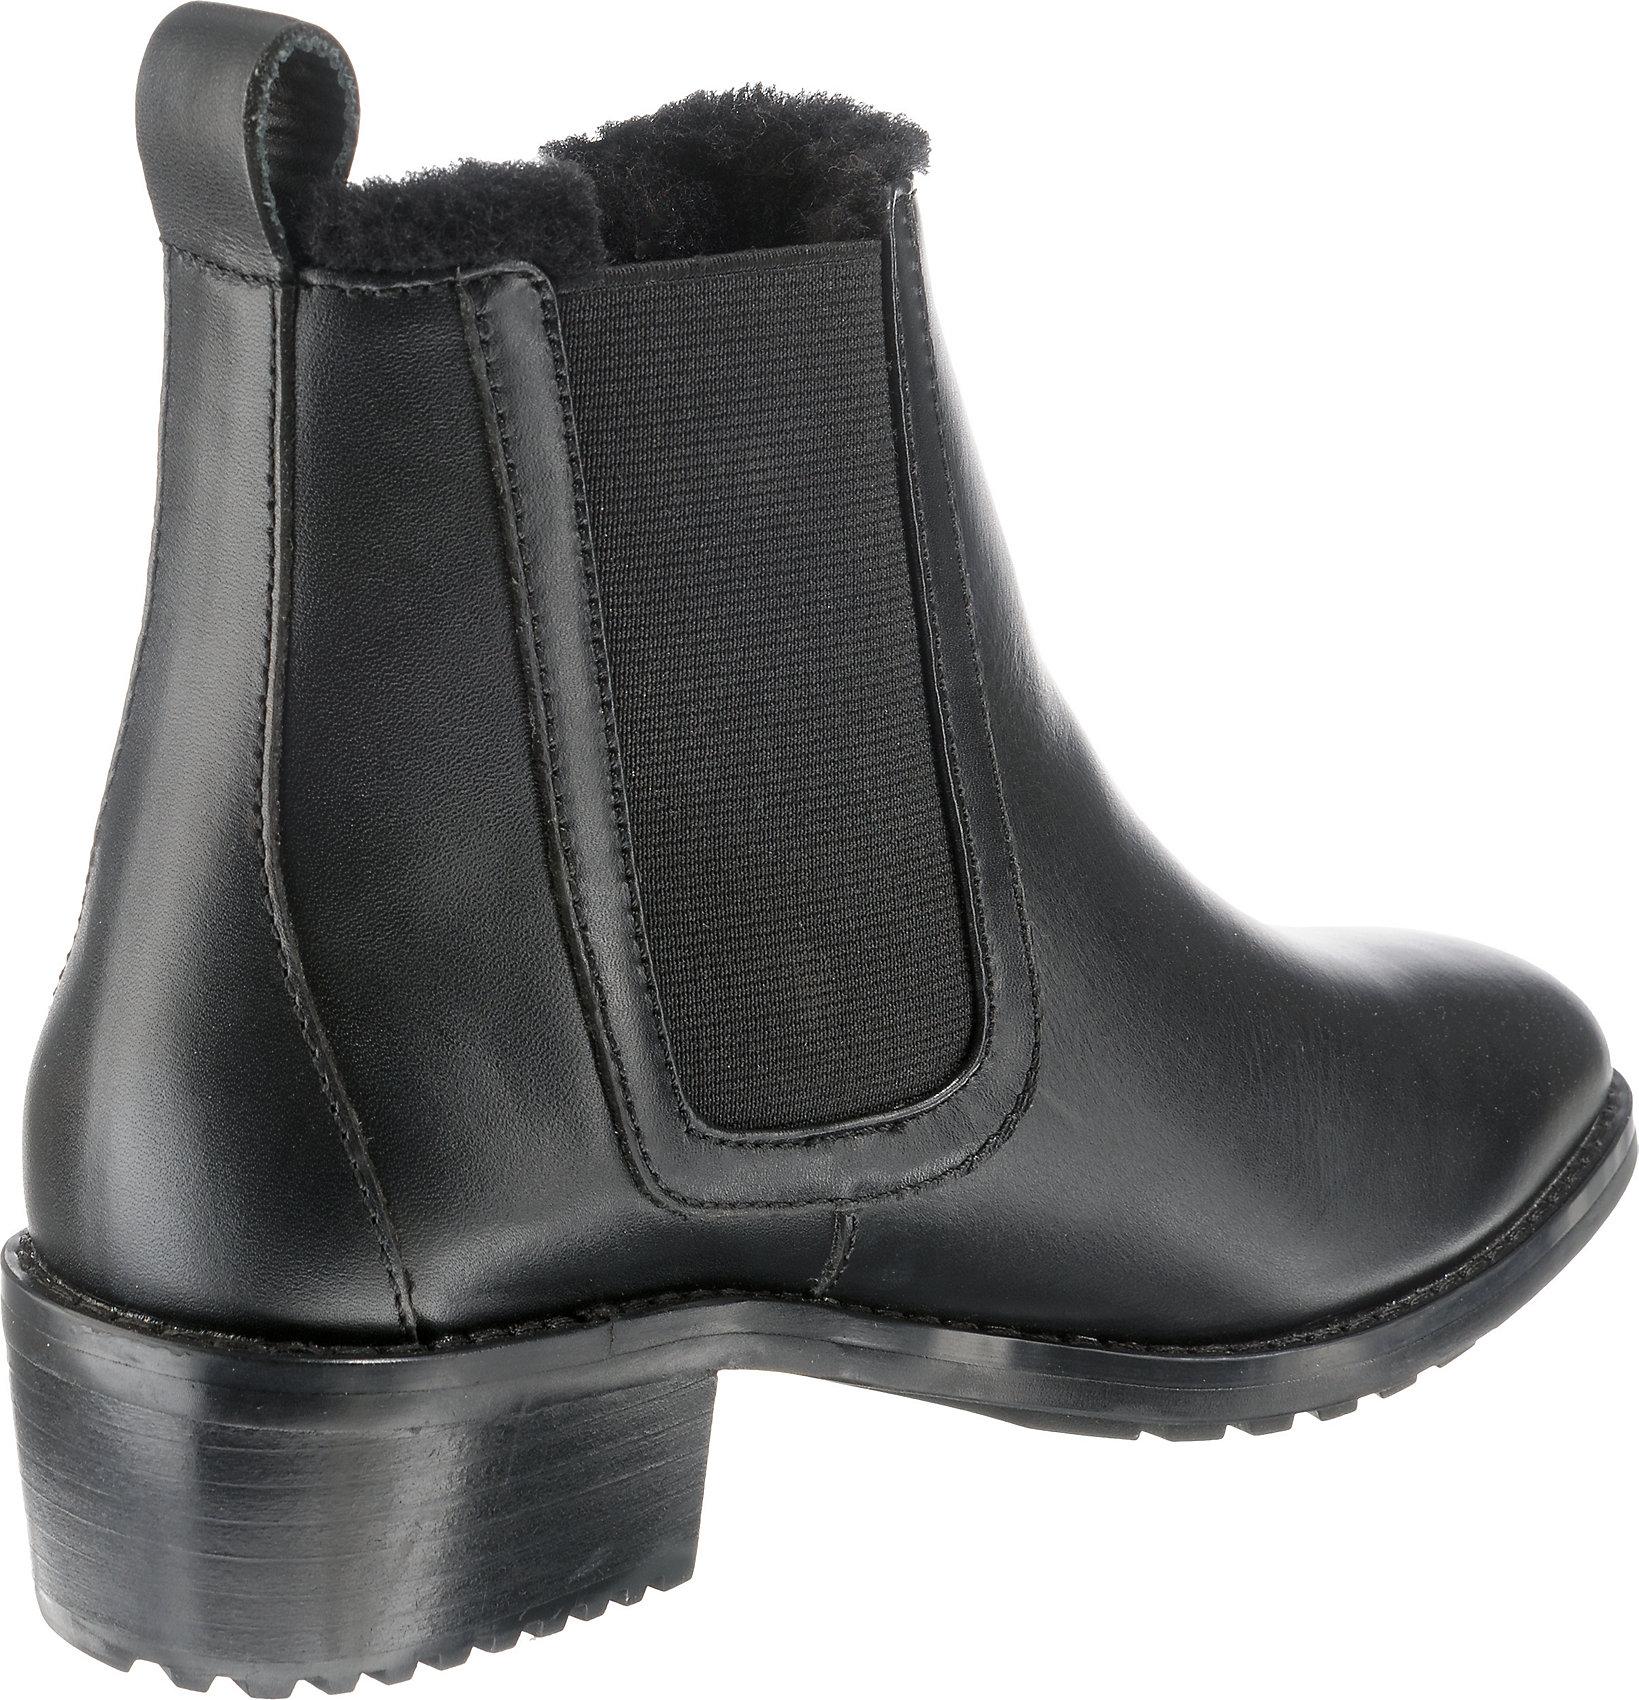 Neu EMU Australia Ellin Winterstiefeletten 8532448 für für für Damen schwarz 137cf0